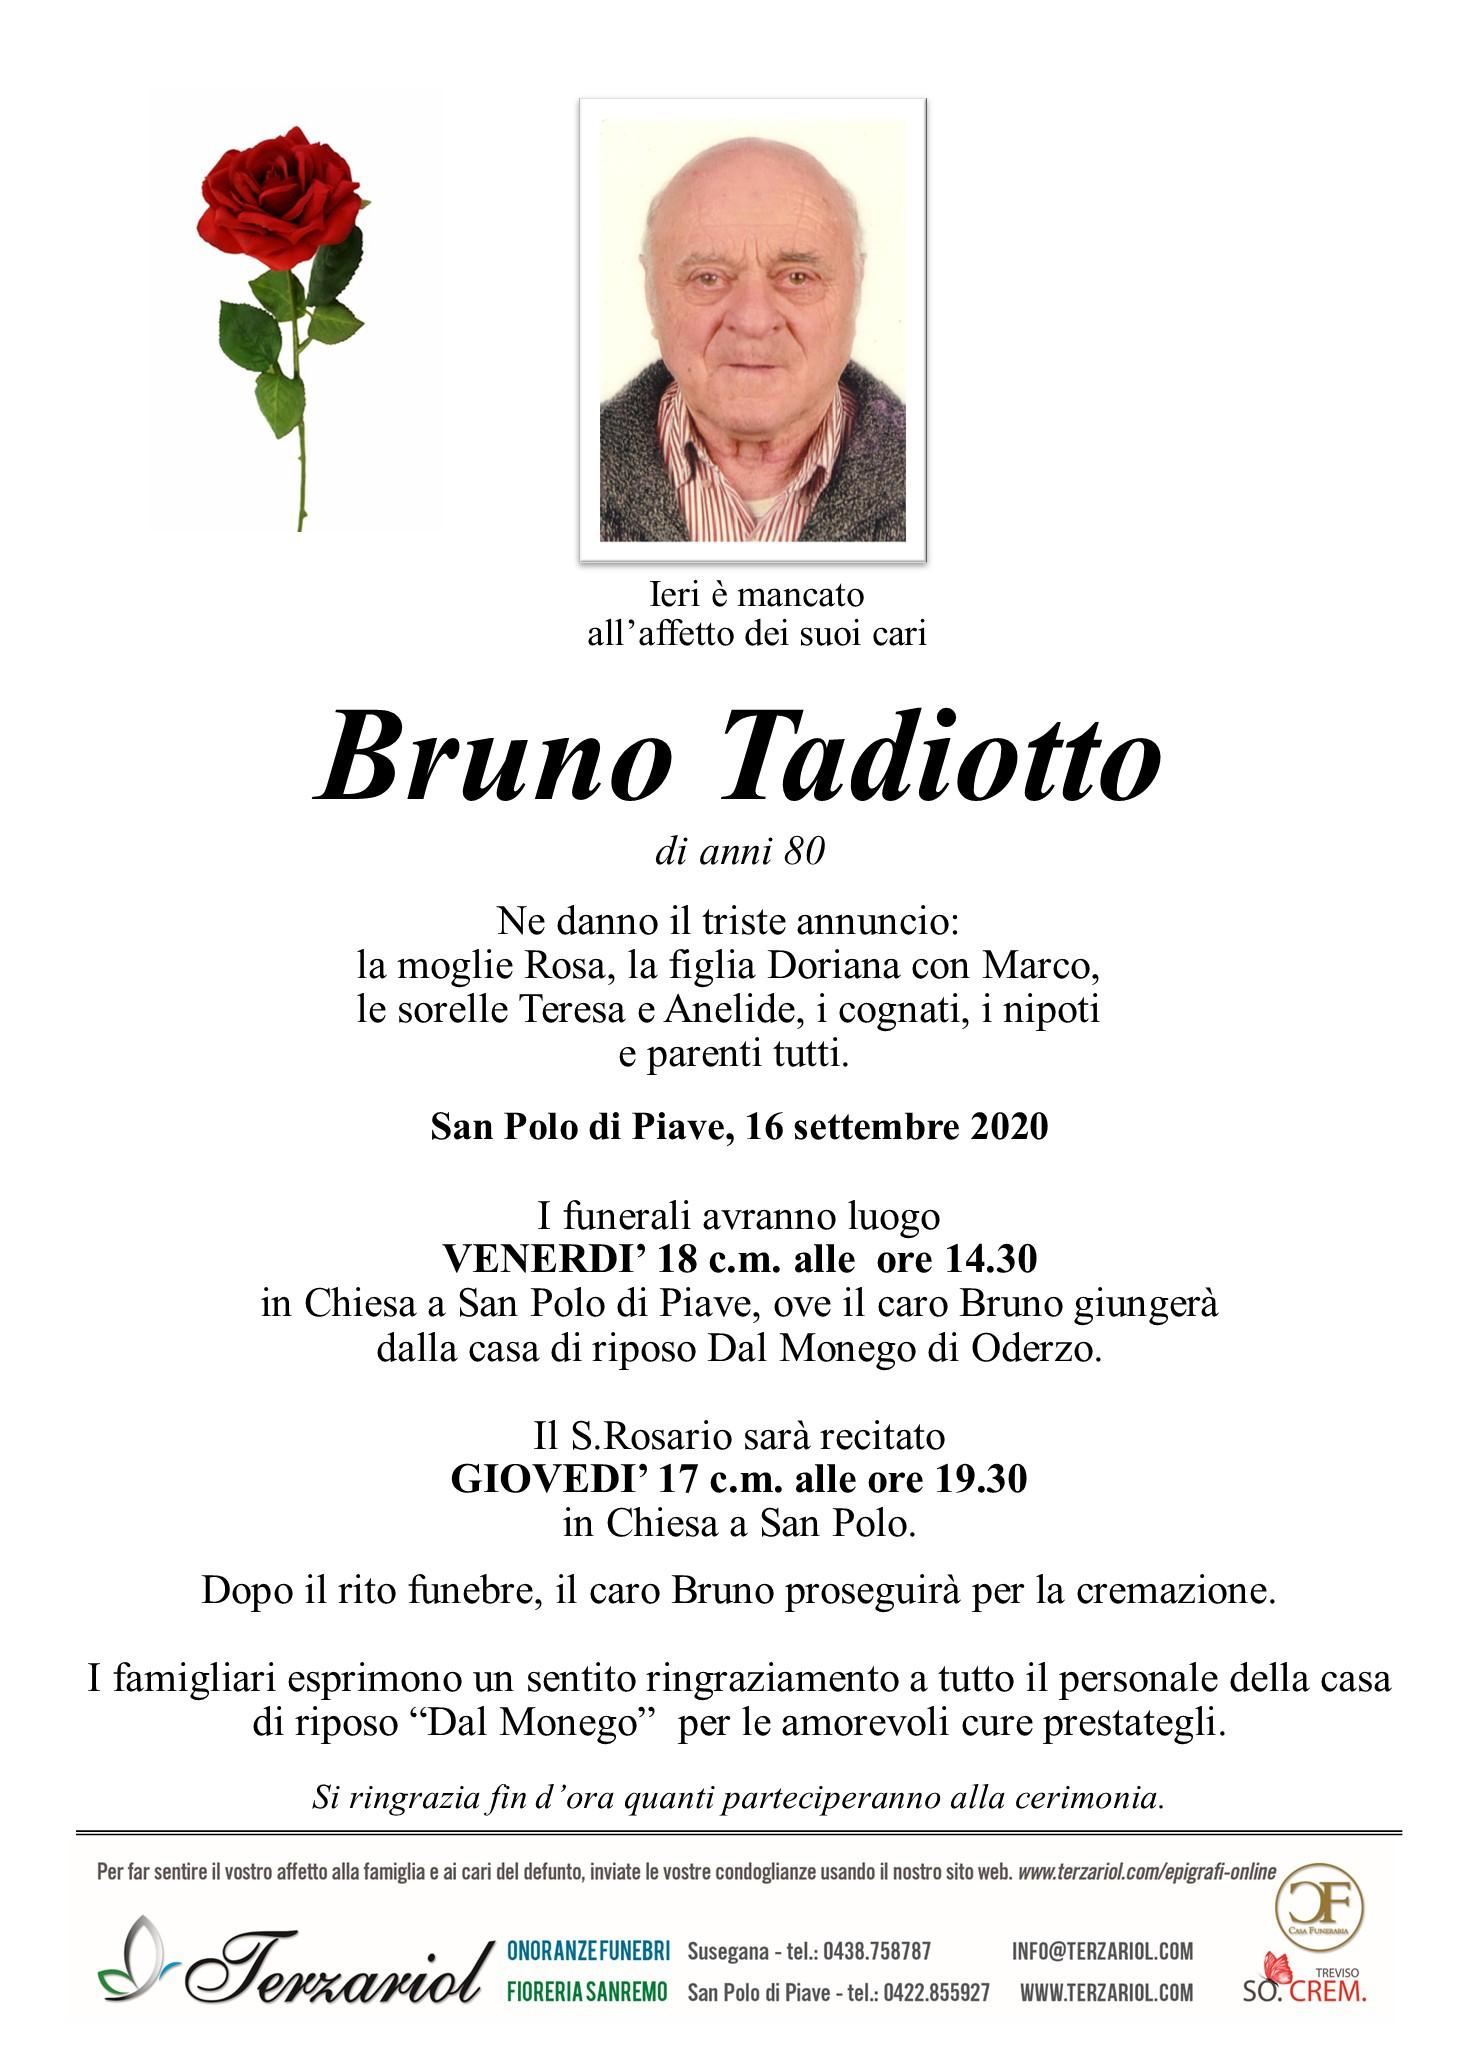 Epigrafe Tadiotto Bruno